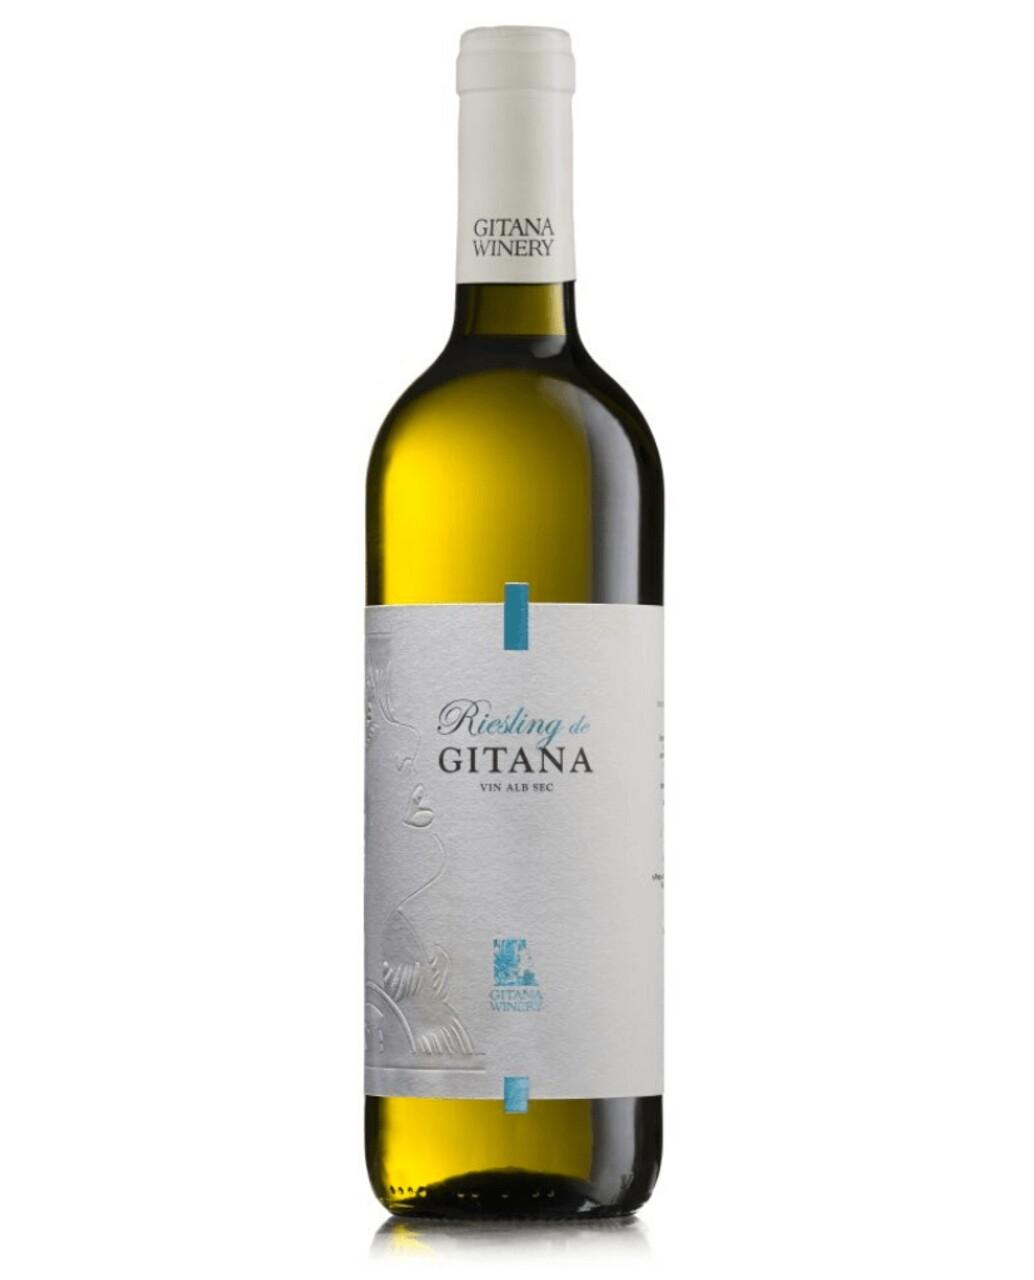 Gitana Riesling de Gitana